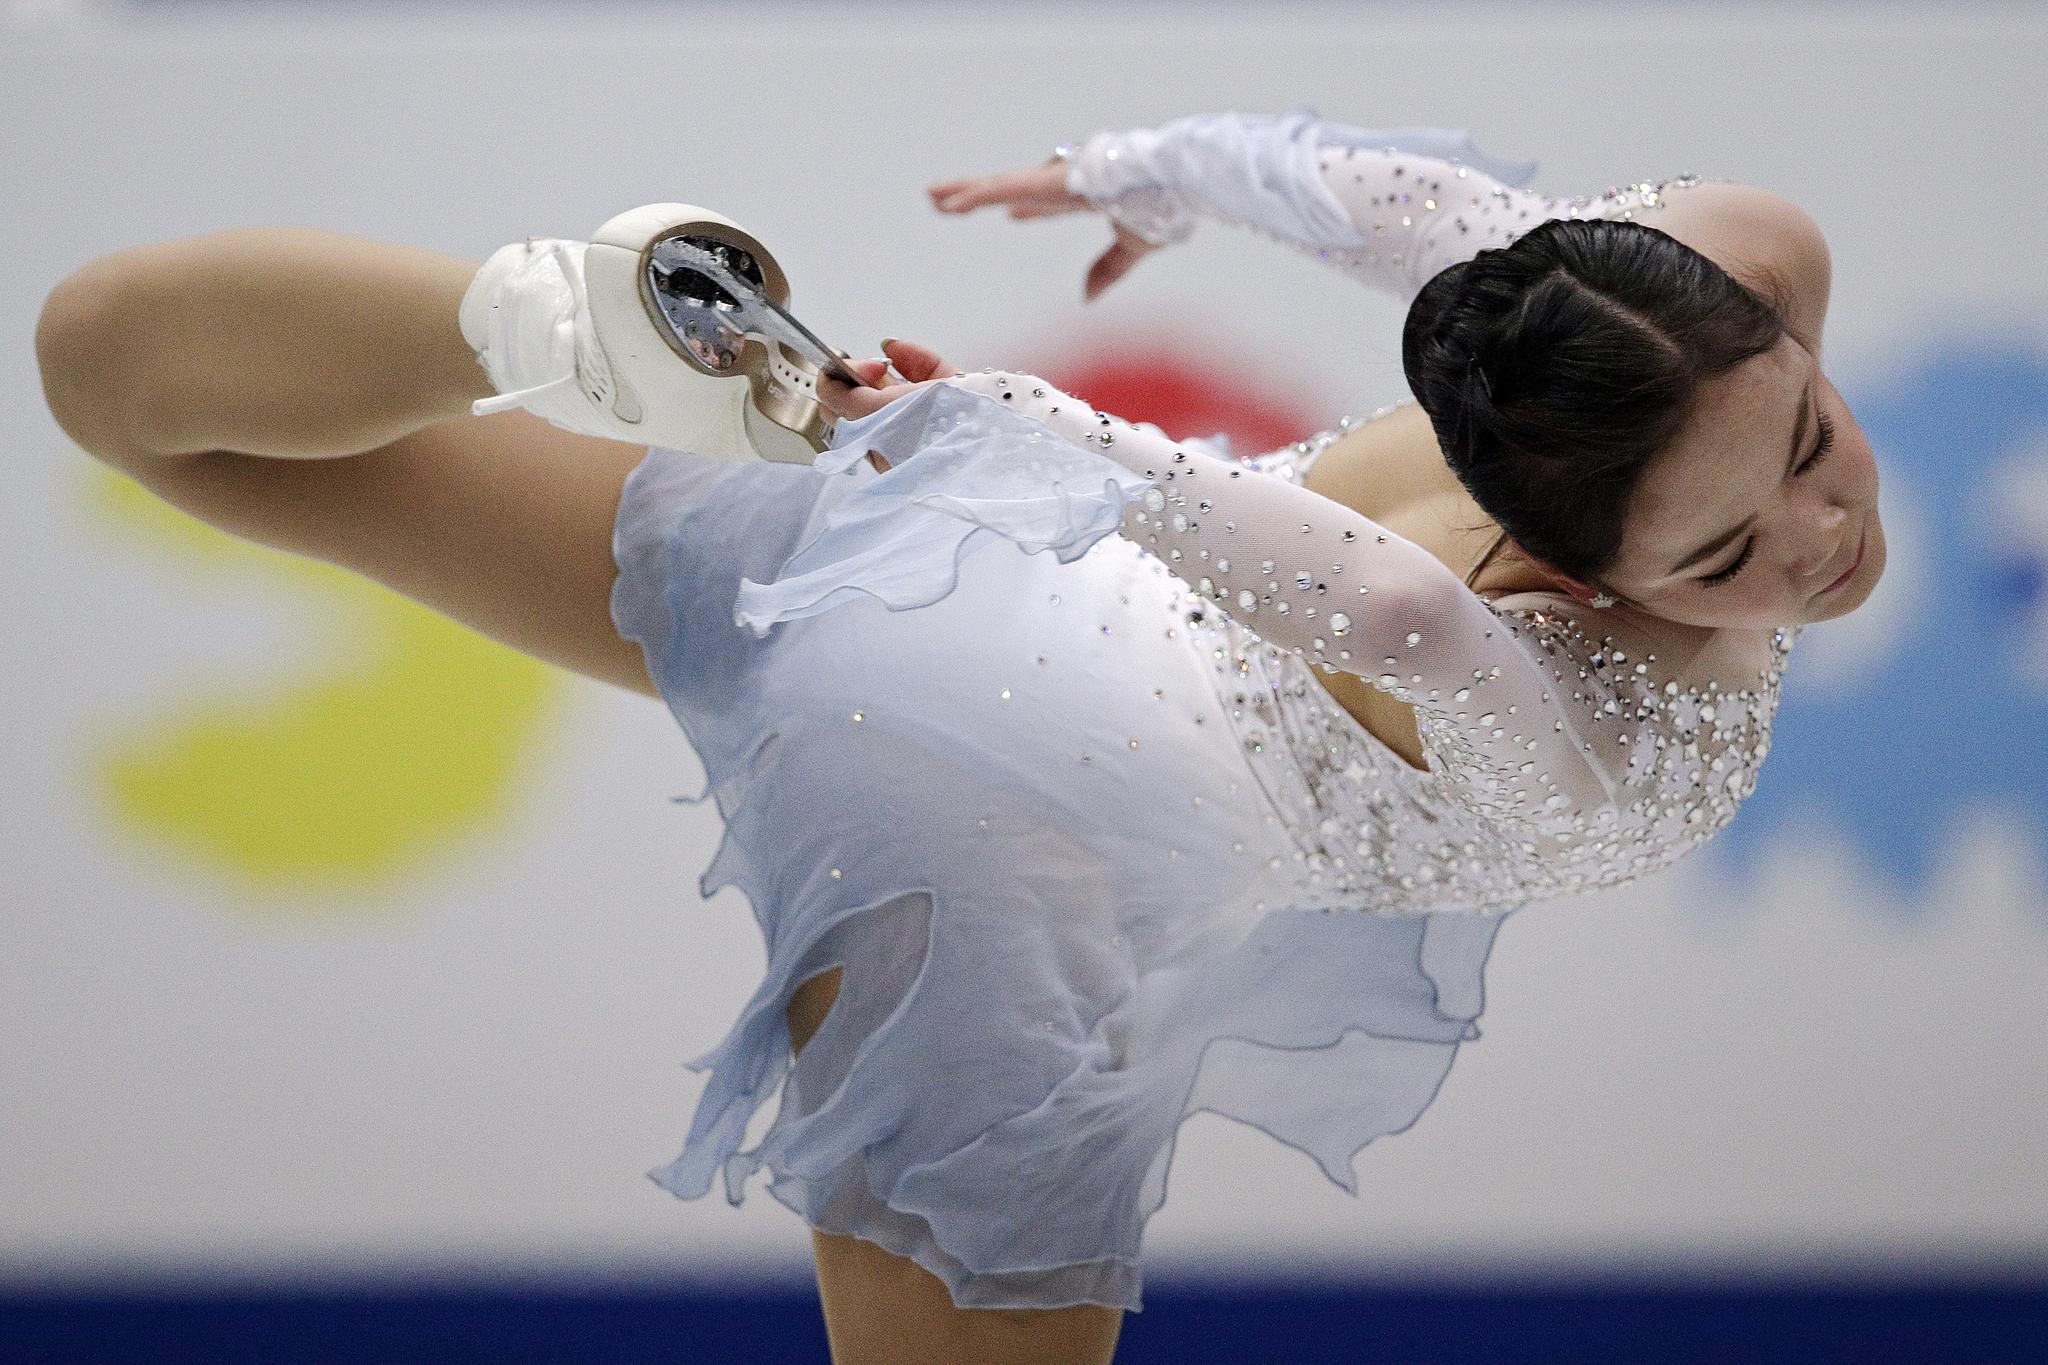 피겨스케이팅 여자 싱글의 임은수(신현고)가 20일(현지시간) 일본 사이타마의 사이타마 슈퍼 아레나에서 열린 2019 국제빙상경기연맹(ISU) 세계선수권대회 여자 싱글 쇼트 프로그램에서 연기를 펼치고 있다. [도쿄AP=연합뉴스]